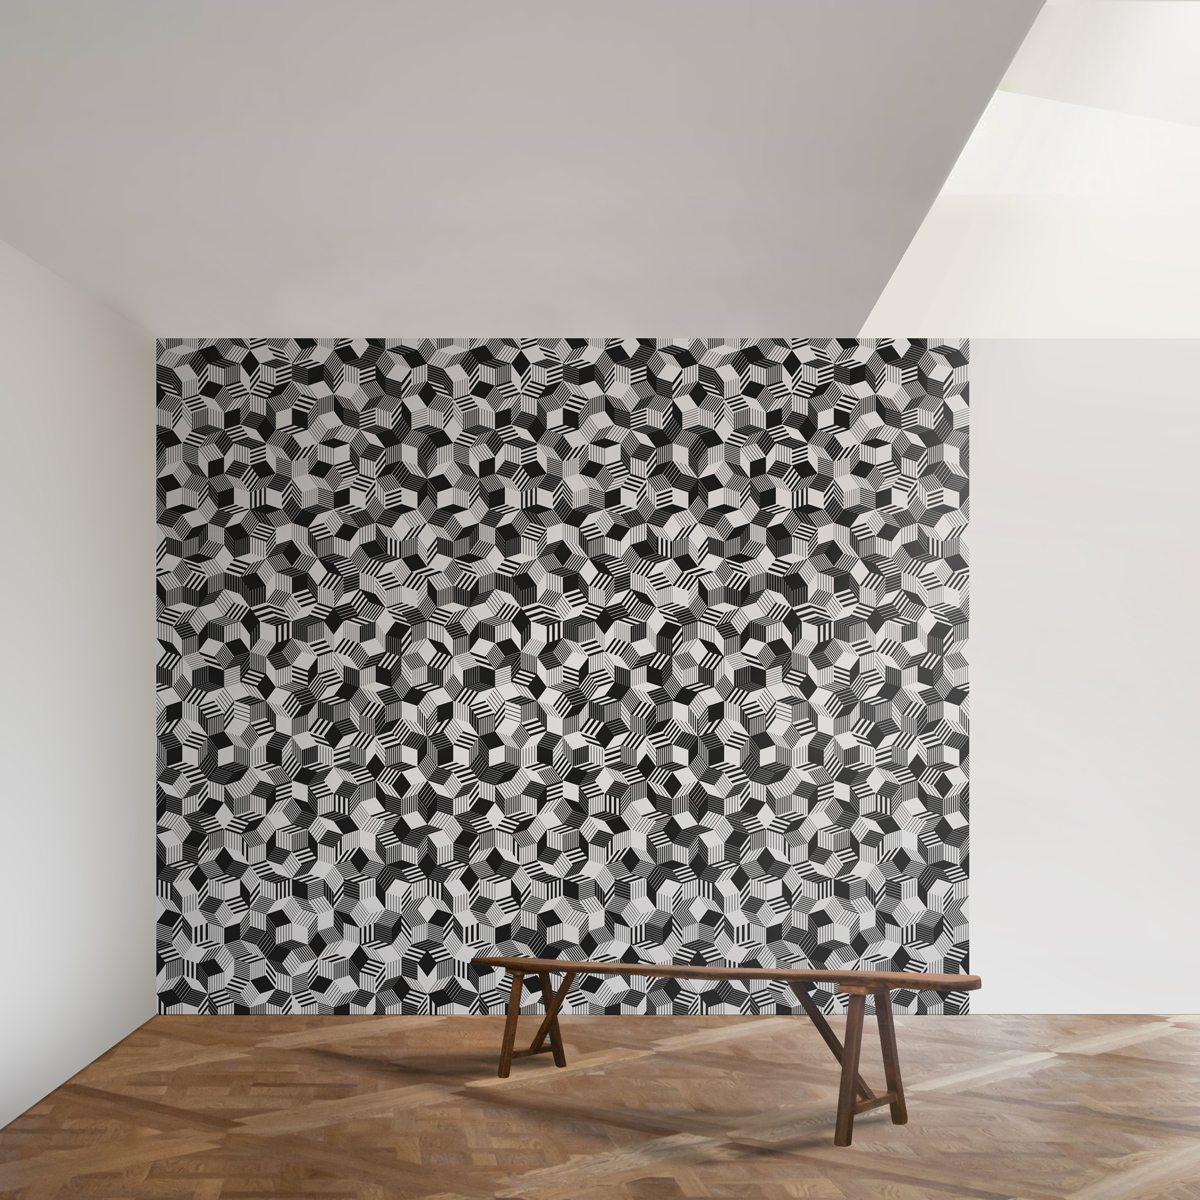 Lés de papier peint Penrose Black Stripe dans loft, lumière zénithale, réveiller une pièce avec un mur ultra graphique au motifs géométriques